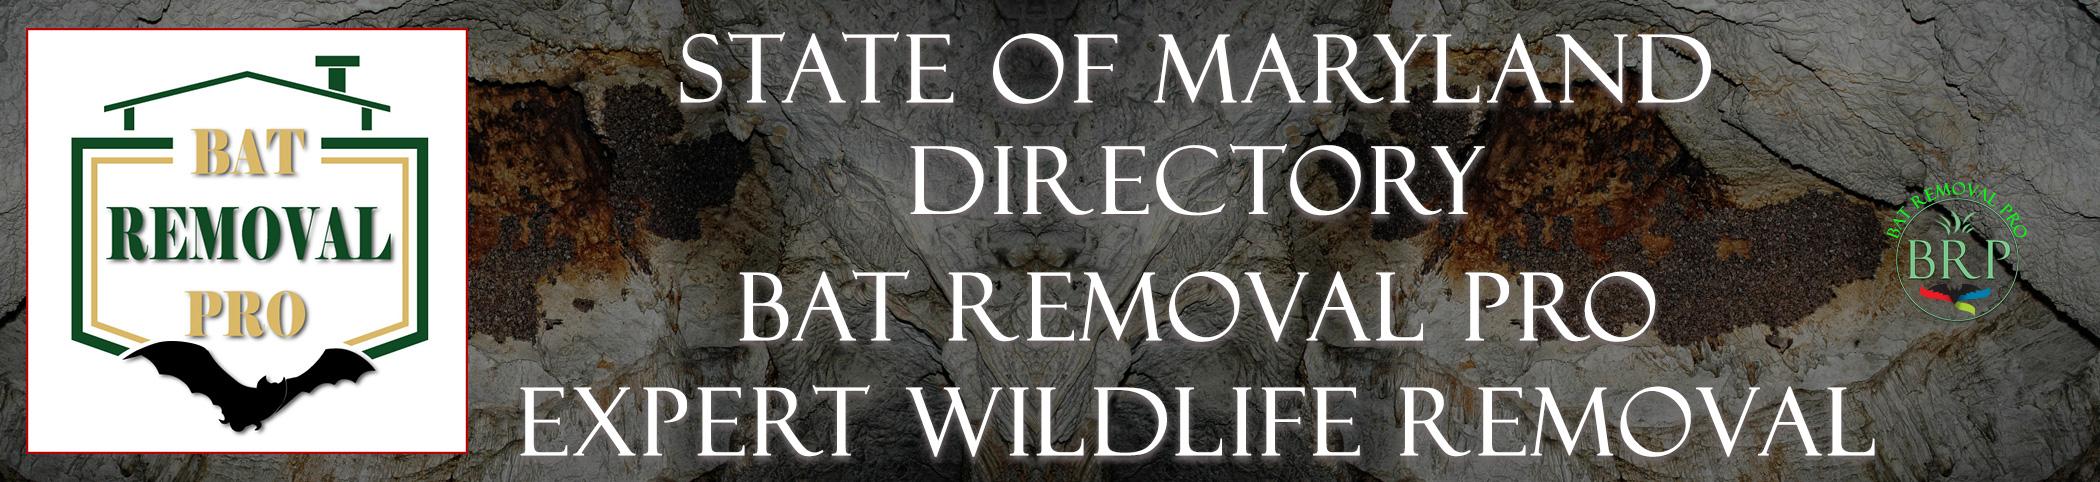 maryland-bat-removal-at-bat-removal-pro-header-image